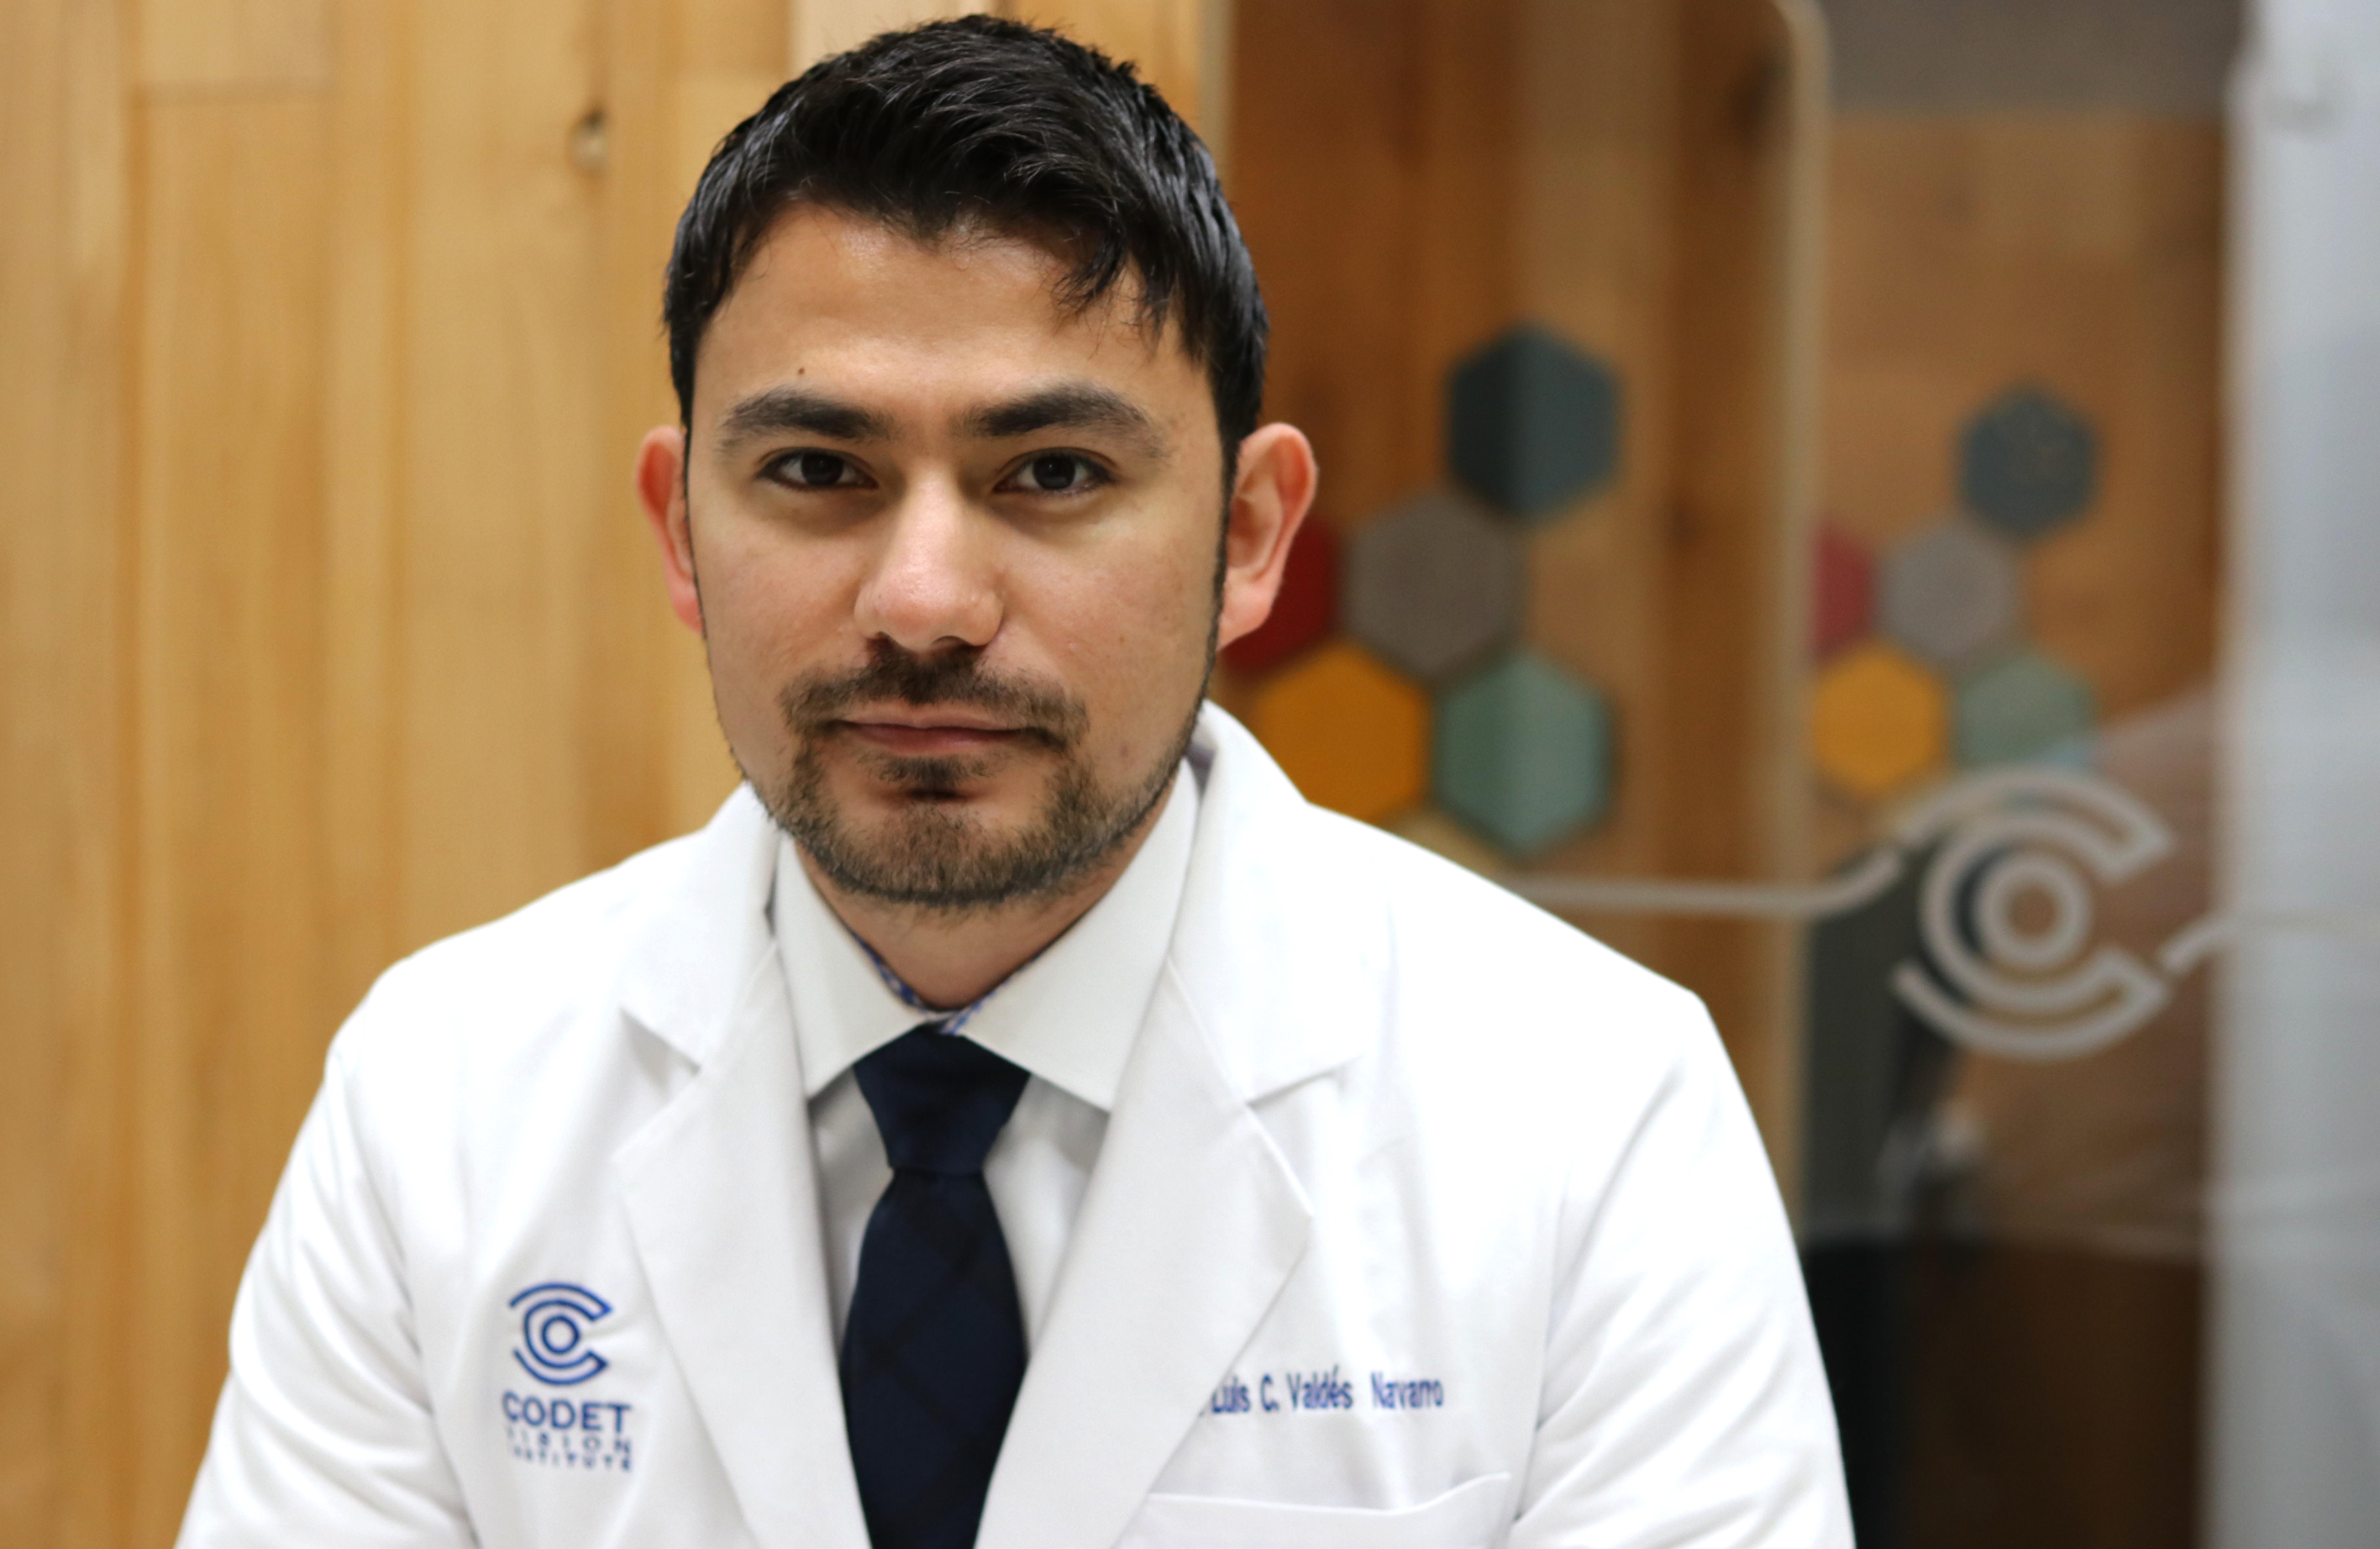 Dr. Luis Valdés